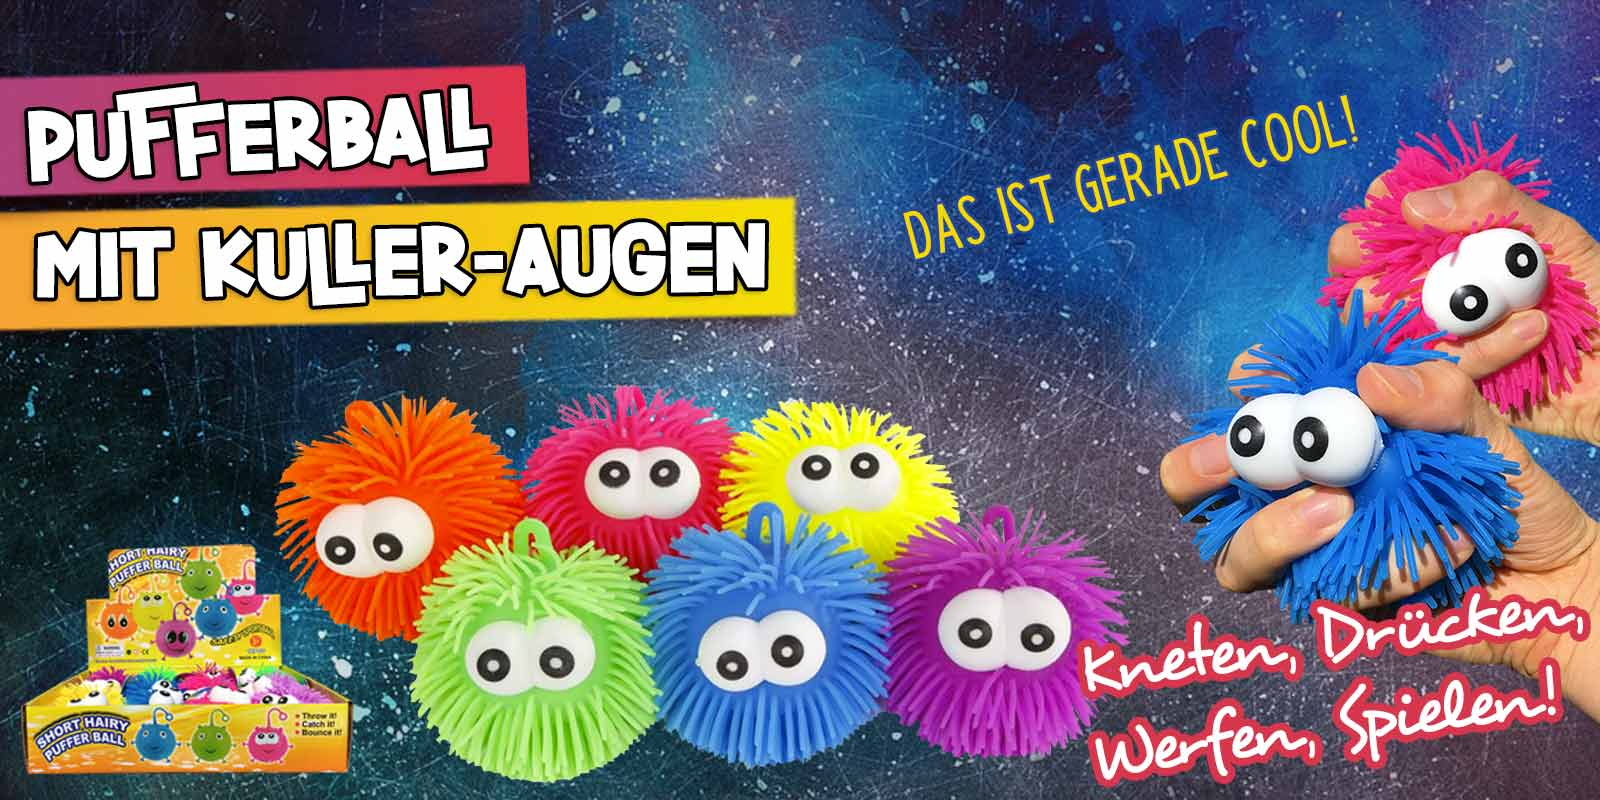 Pufferball mit Augen